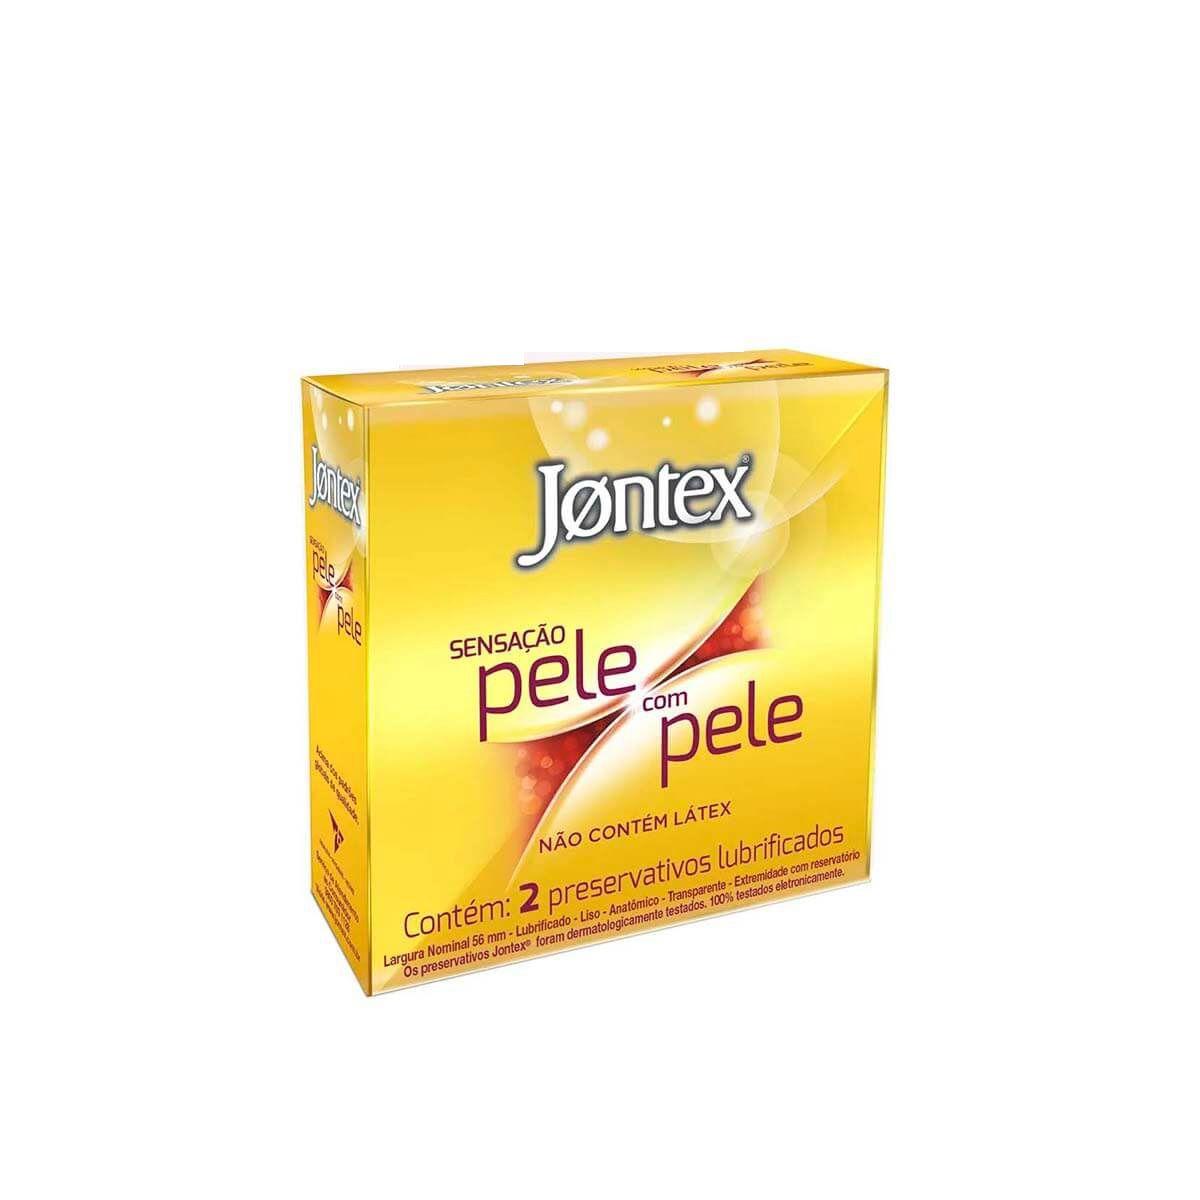 JONTEX PELE COM PELE PRESERVATIVO ANATÔMICO EXTRA FINO